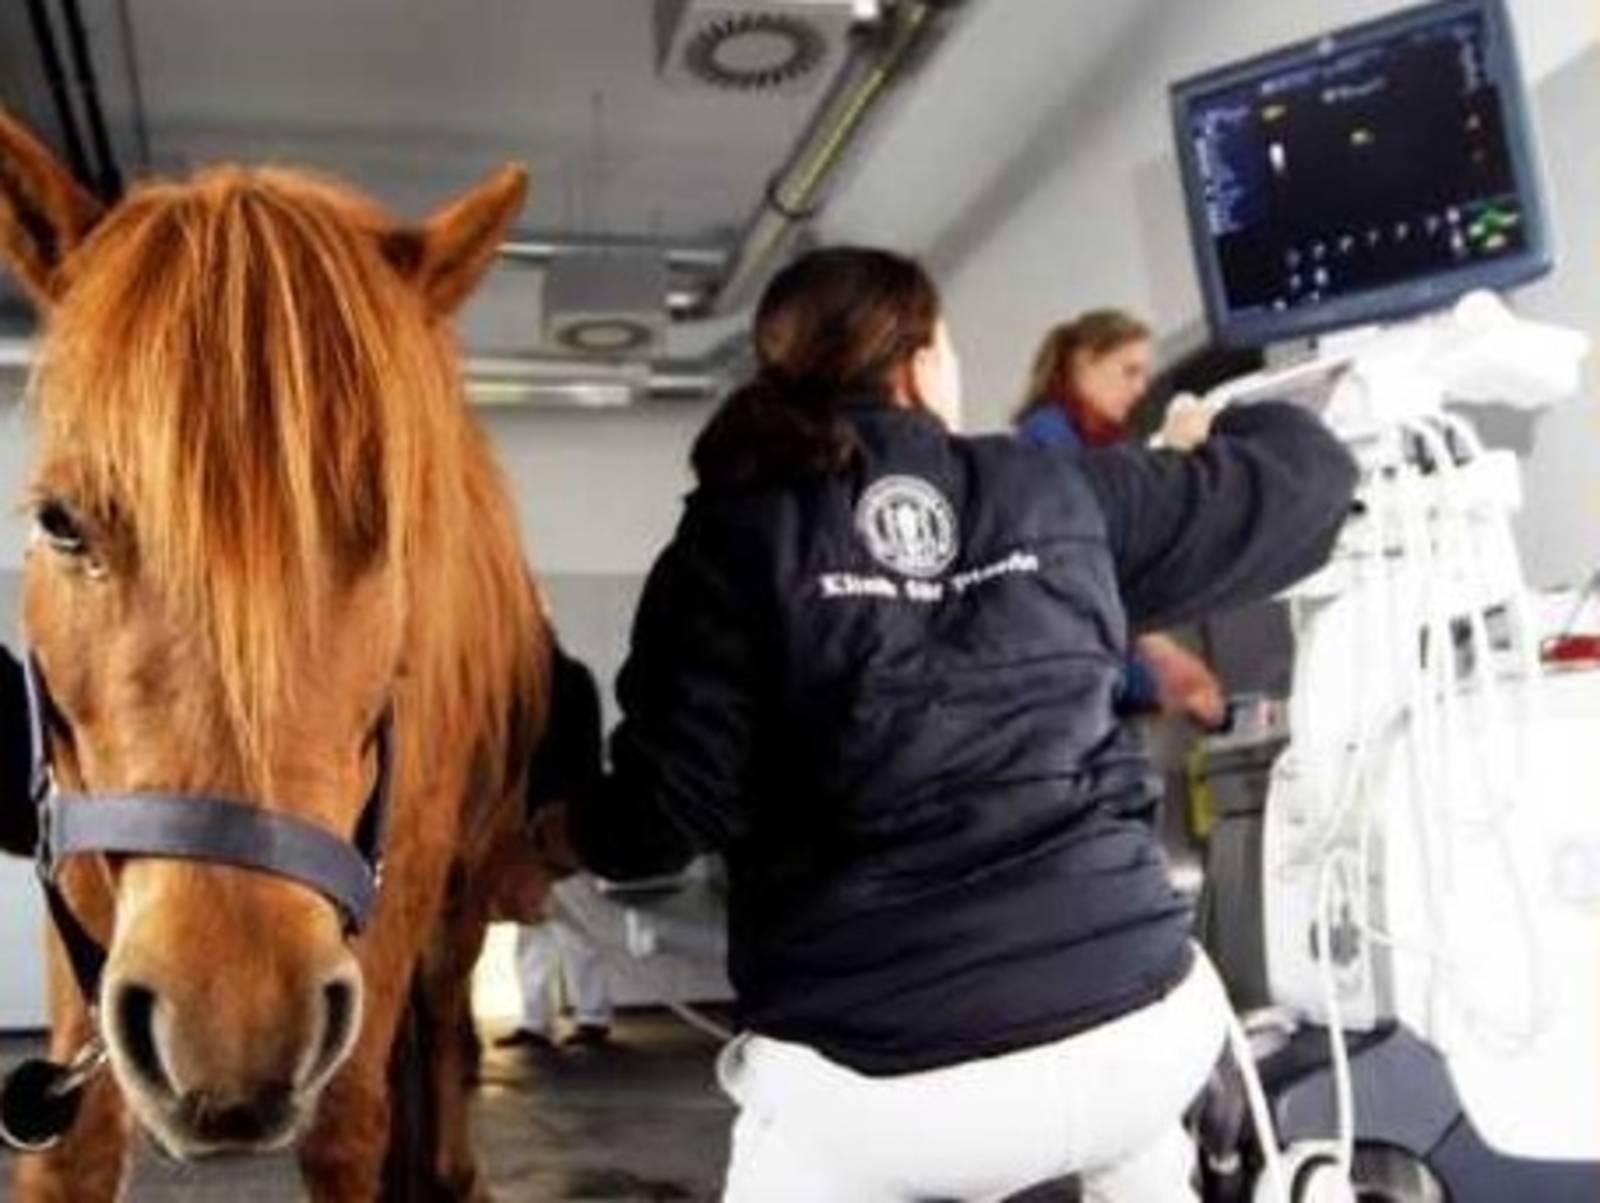 Klinikraum mit einem Pferd und zwei Frauen